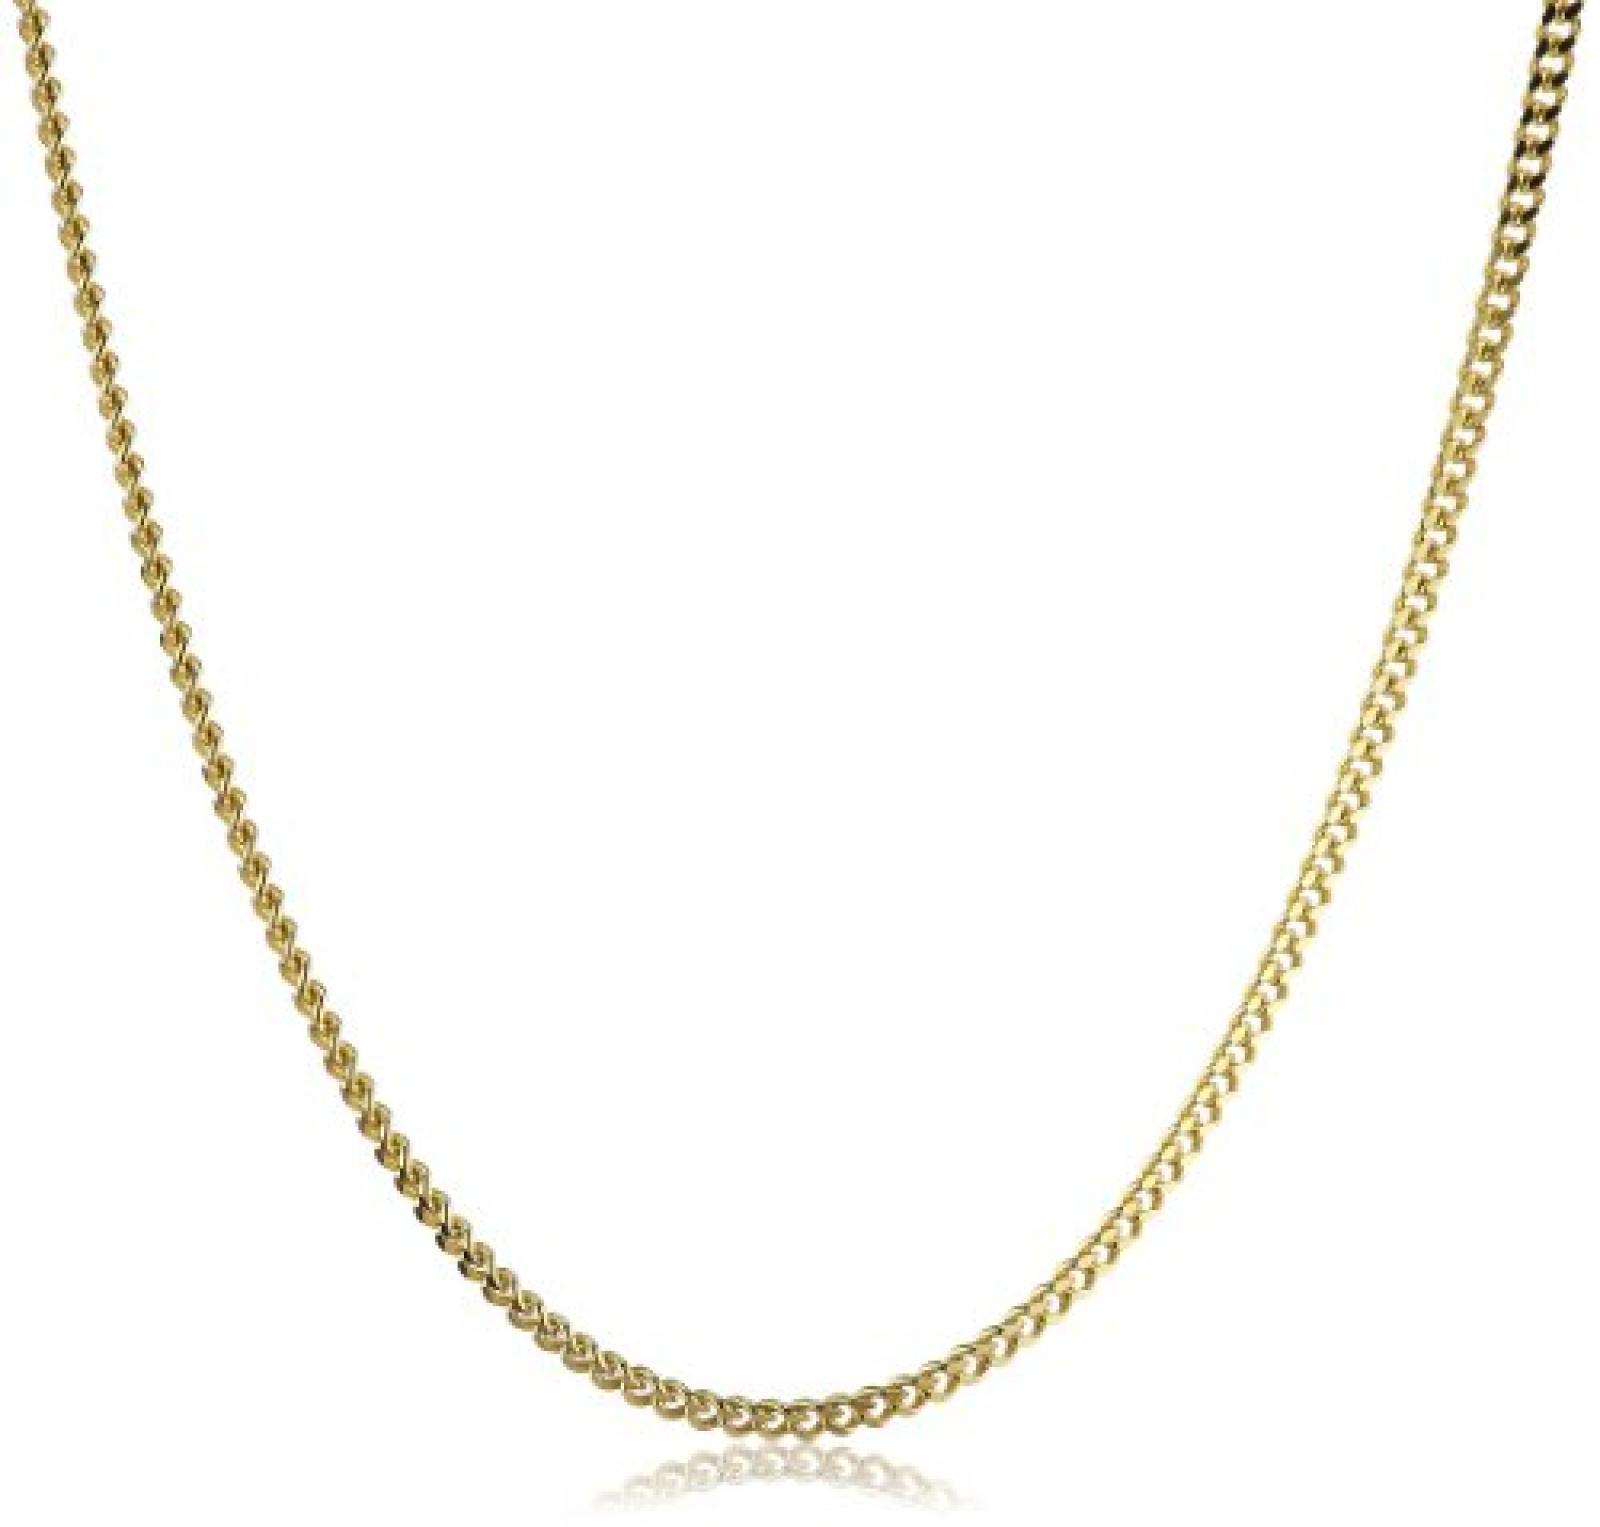 Amor Jewelry Unisex-Halskette 8 Karat 333 Gelbgold 74391